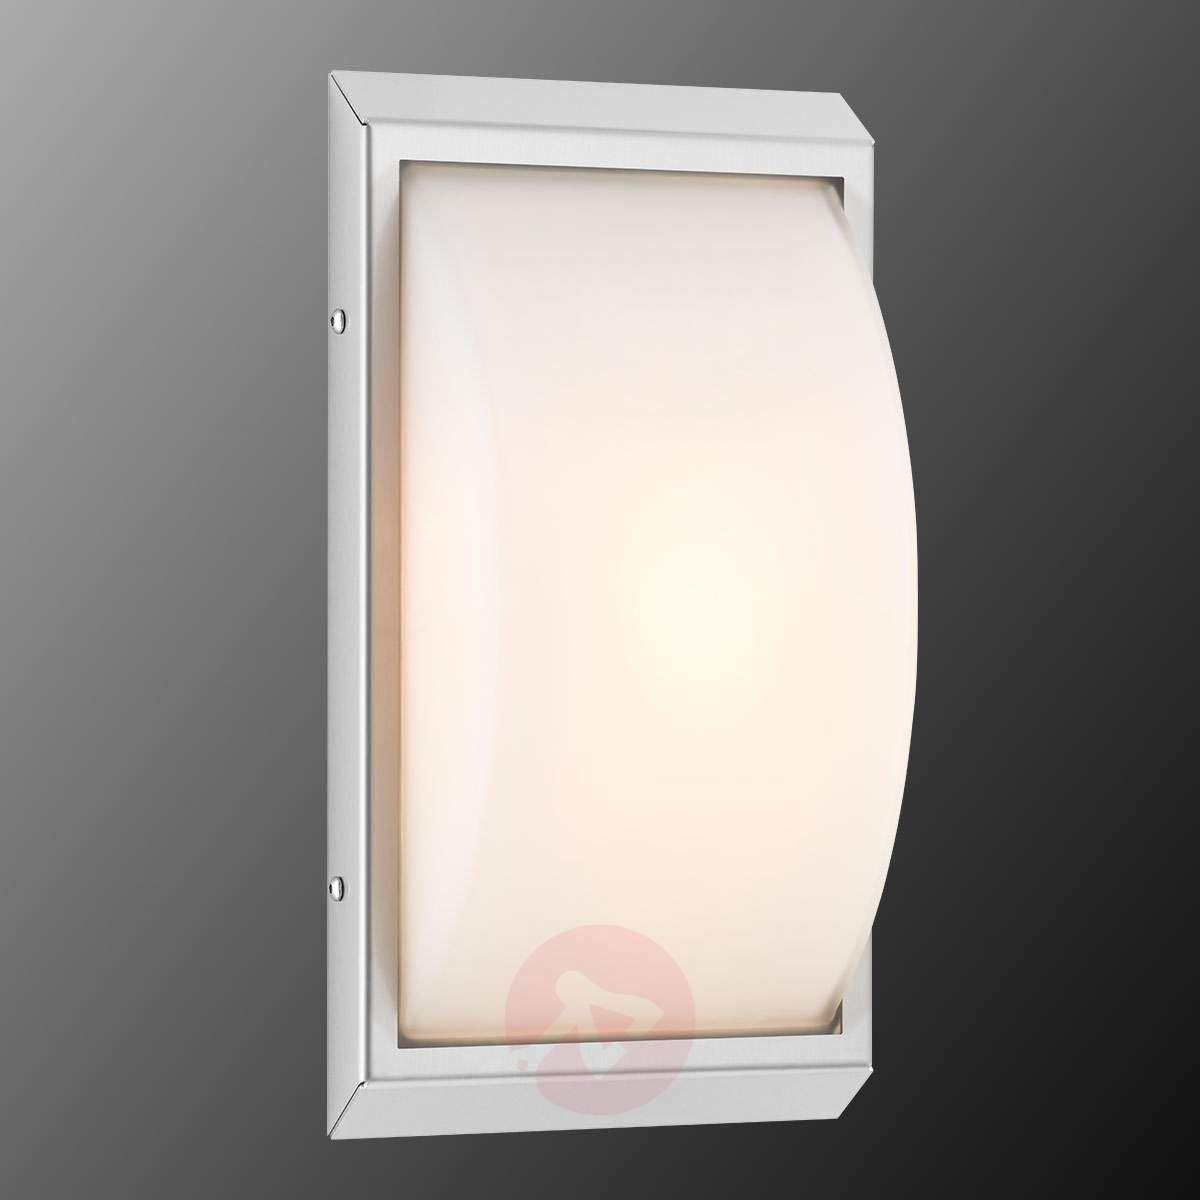 Zewnętrzna Lampa ścienna Malte Lampy Wiszące Zewnętrzne W